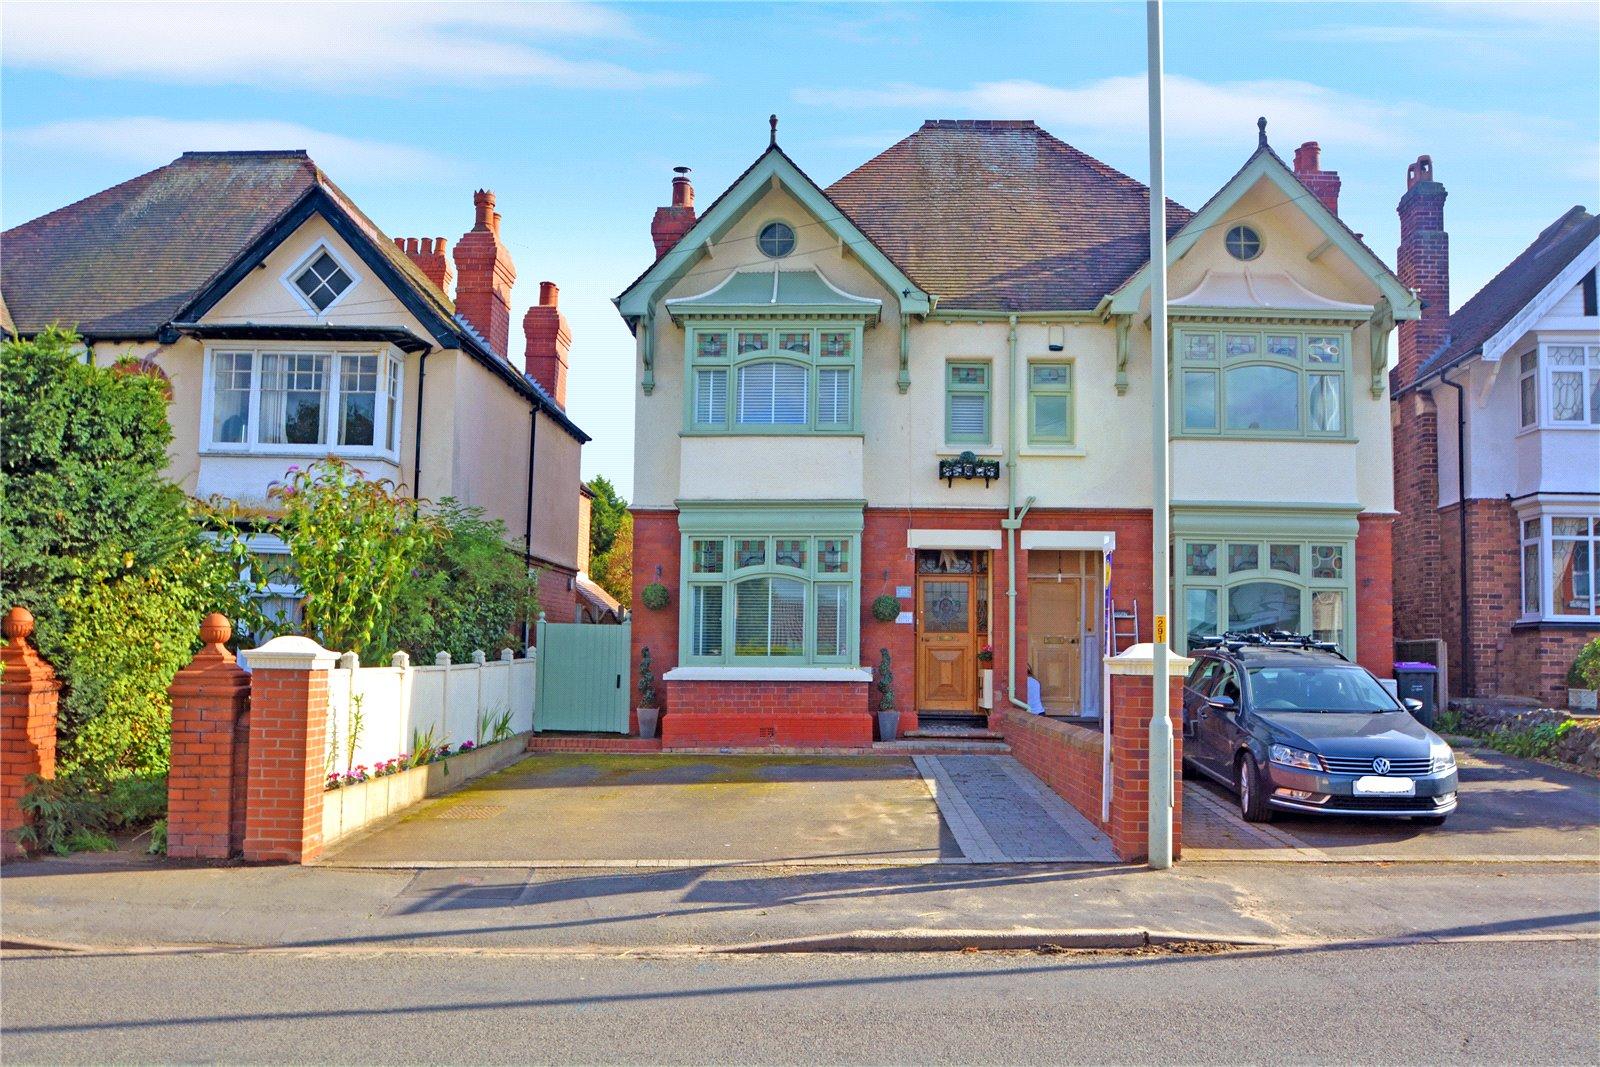 Holly House, 255 Holyhead Road, Wellington, Telford, Shropshire, TF1